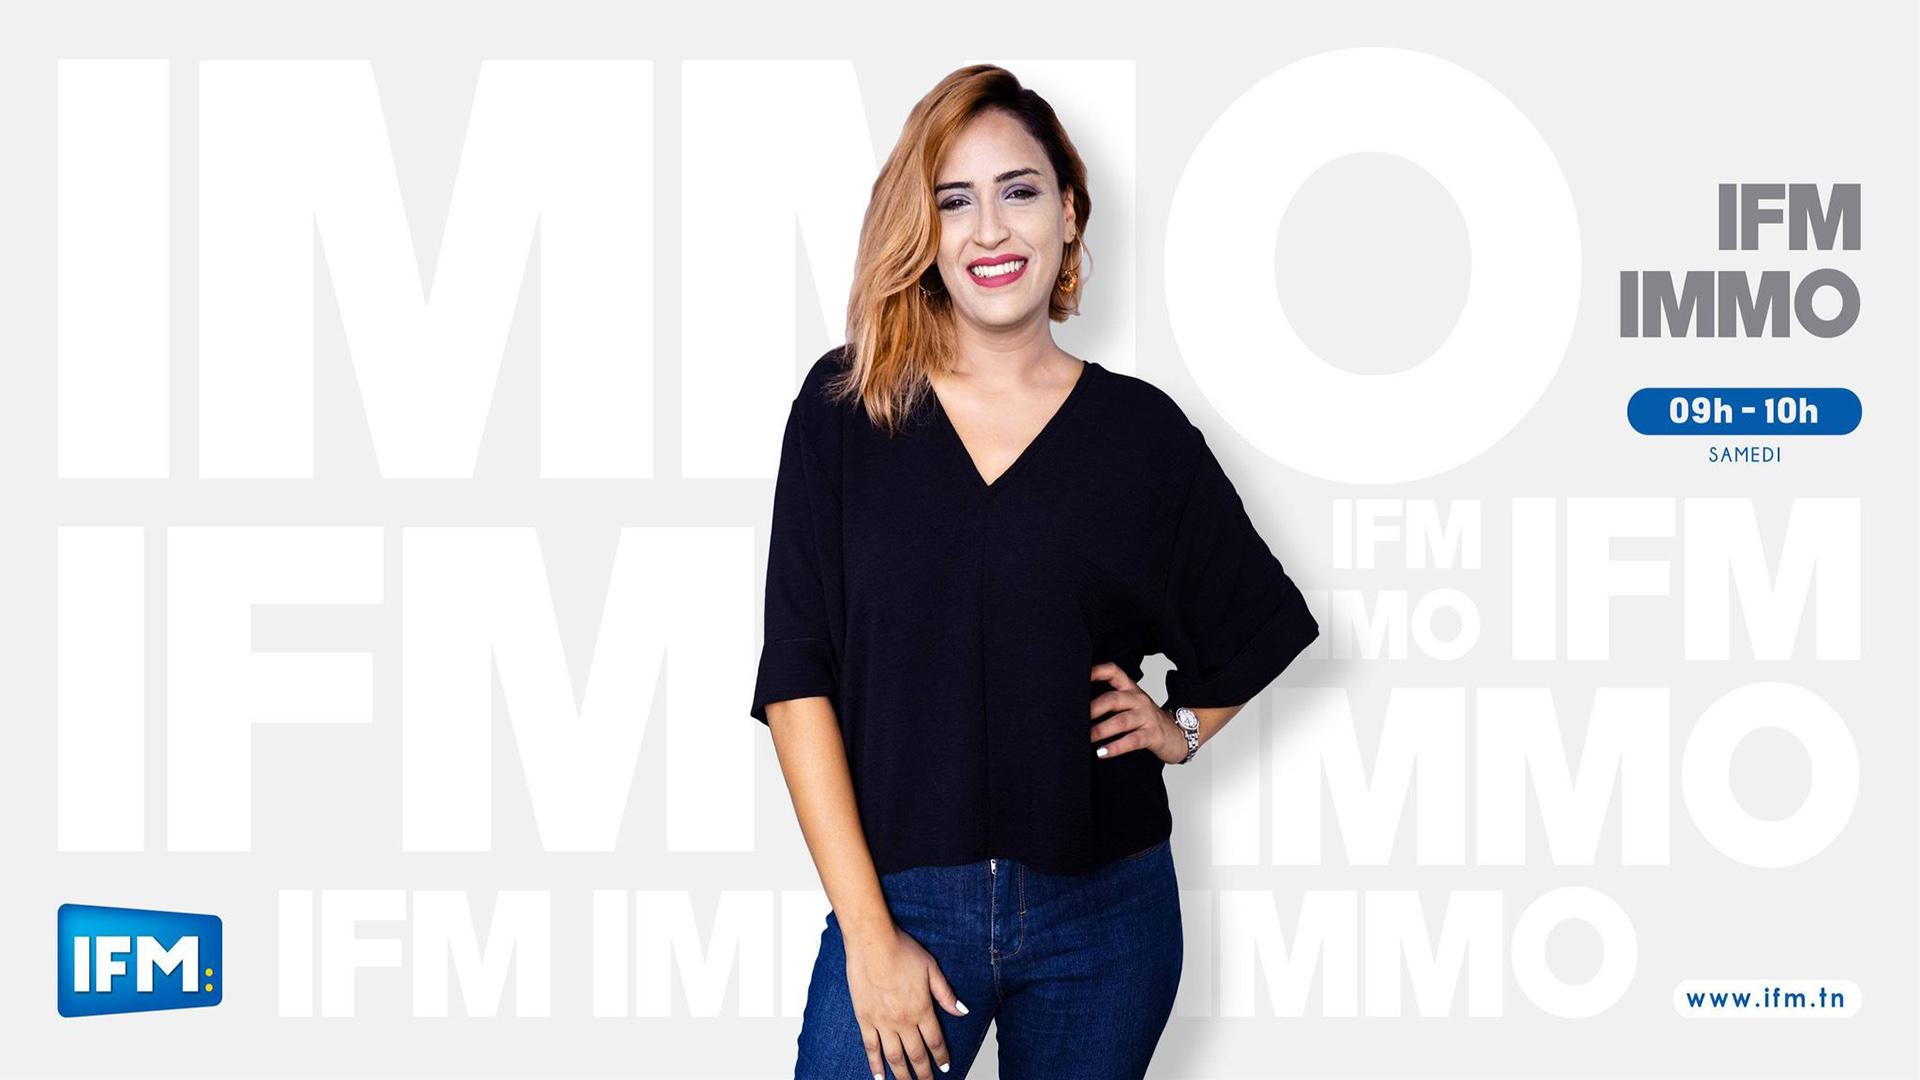 IFM_IMMO